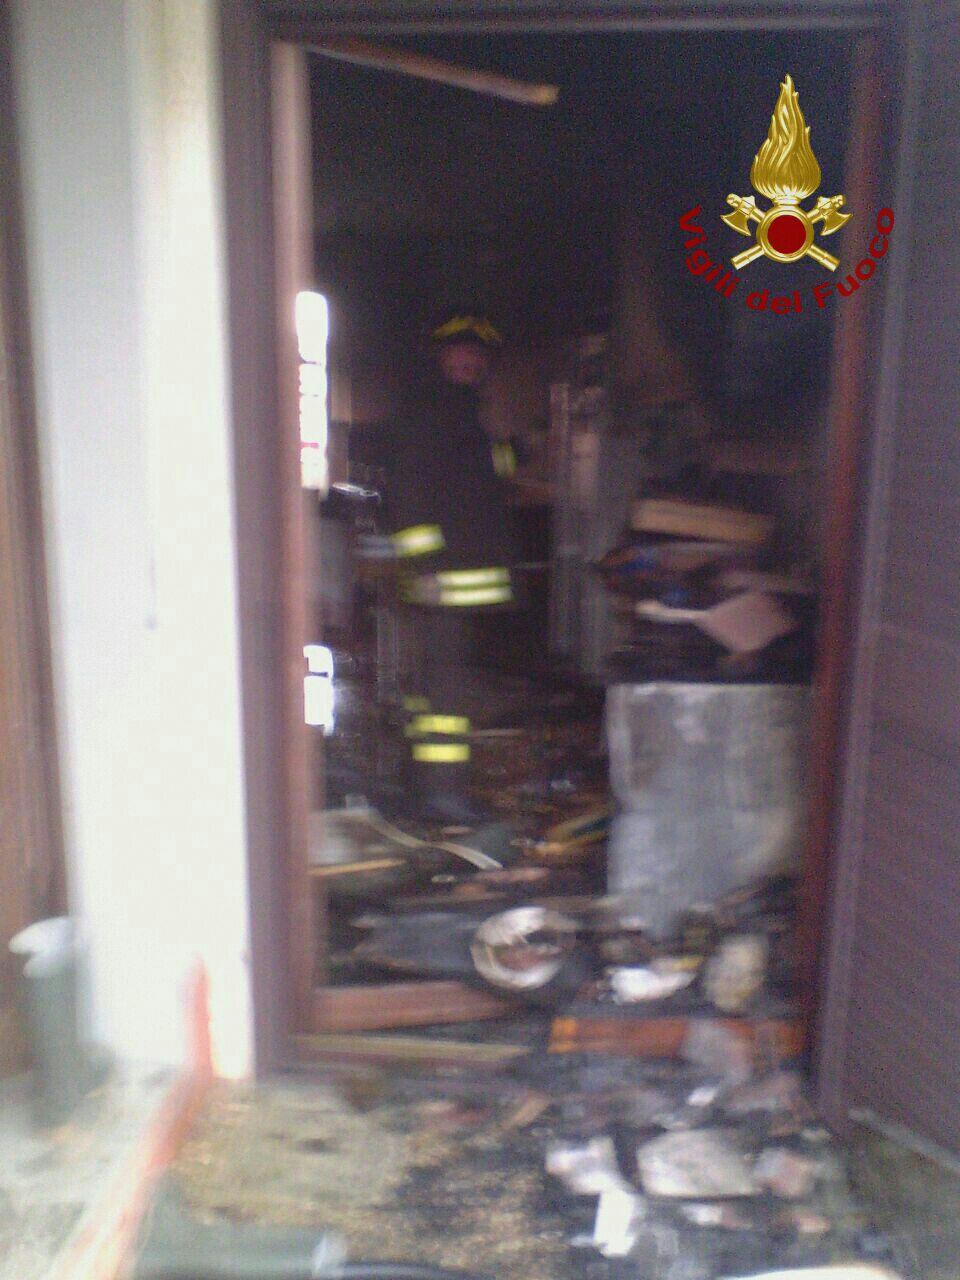 I pompieri ieri sono intervenuti in contrada Iannassi per incendio in un'abitazione